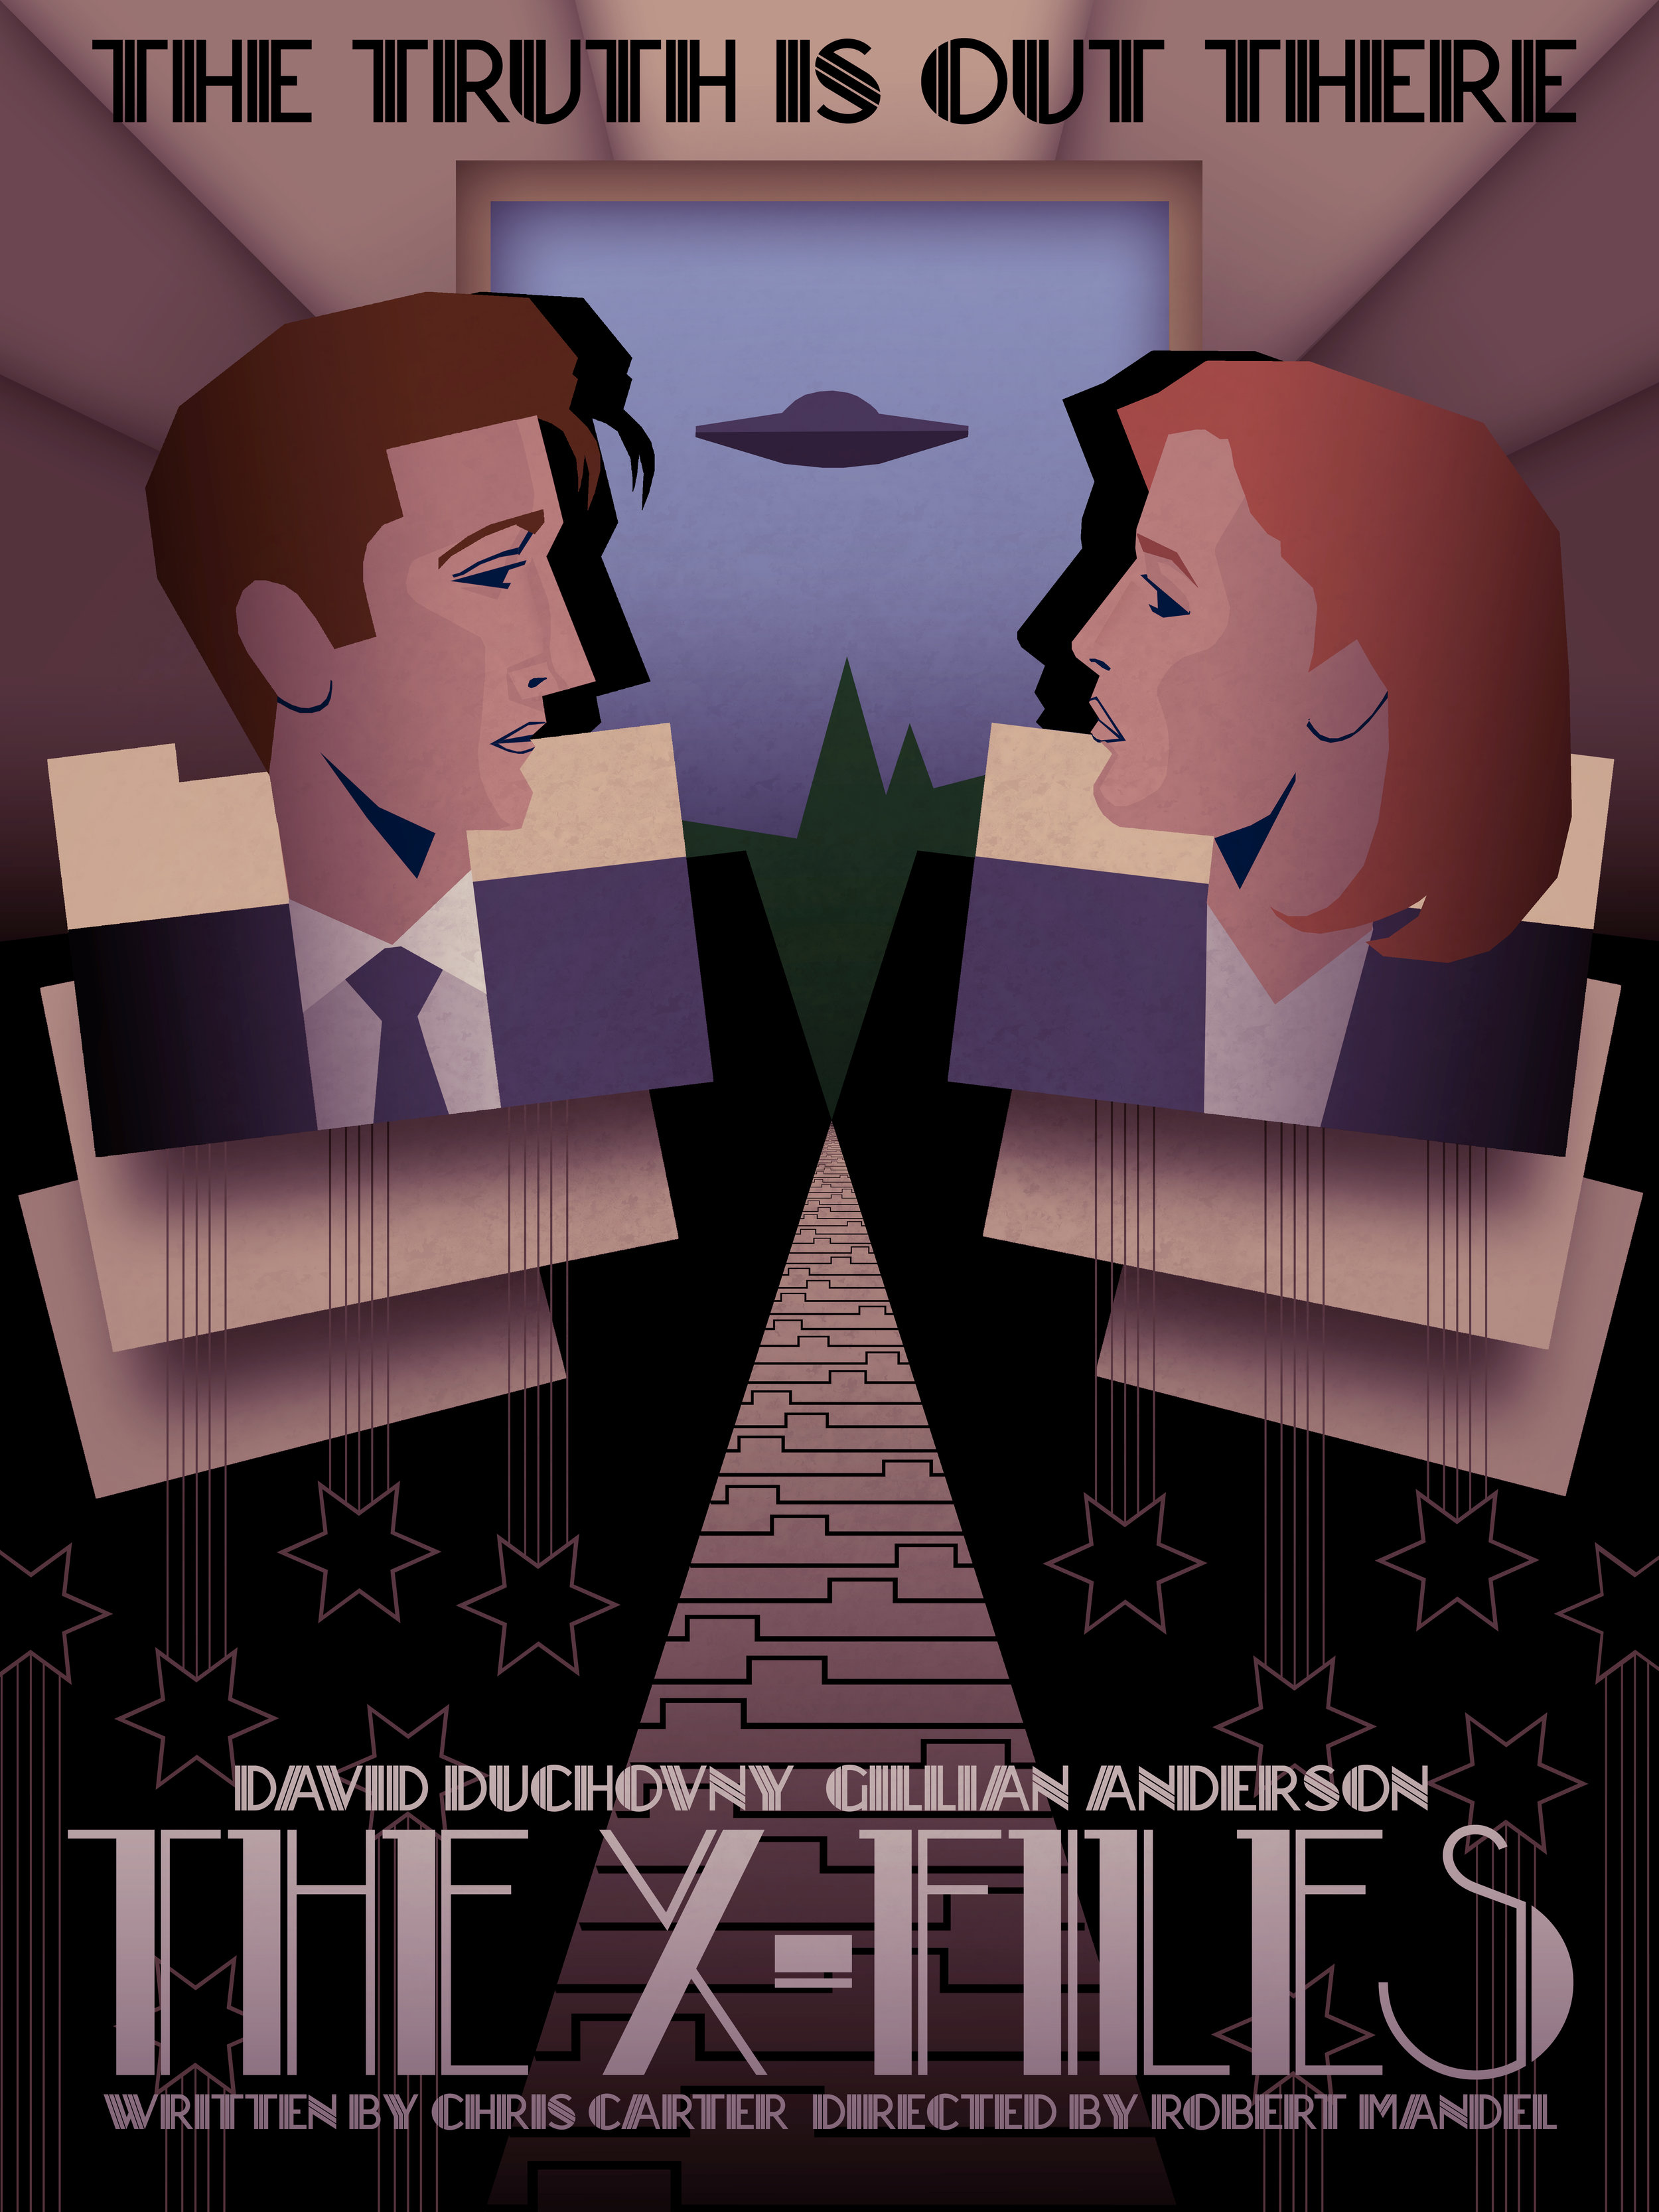 The X-Files (Pilot)